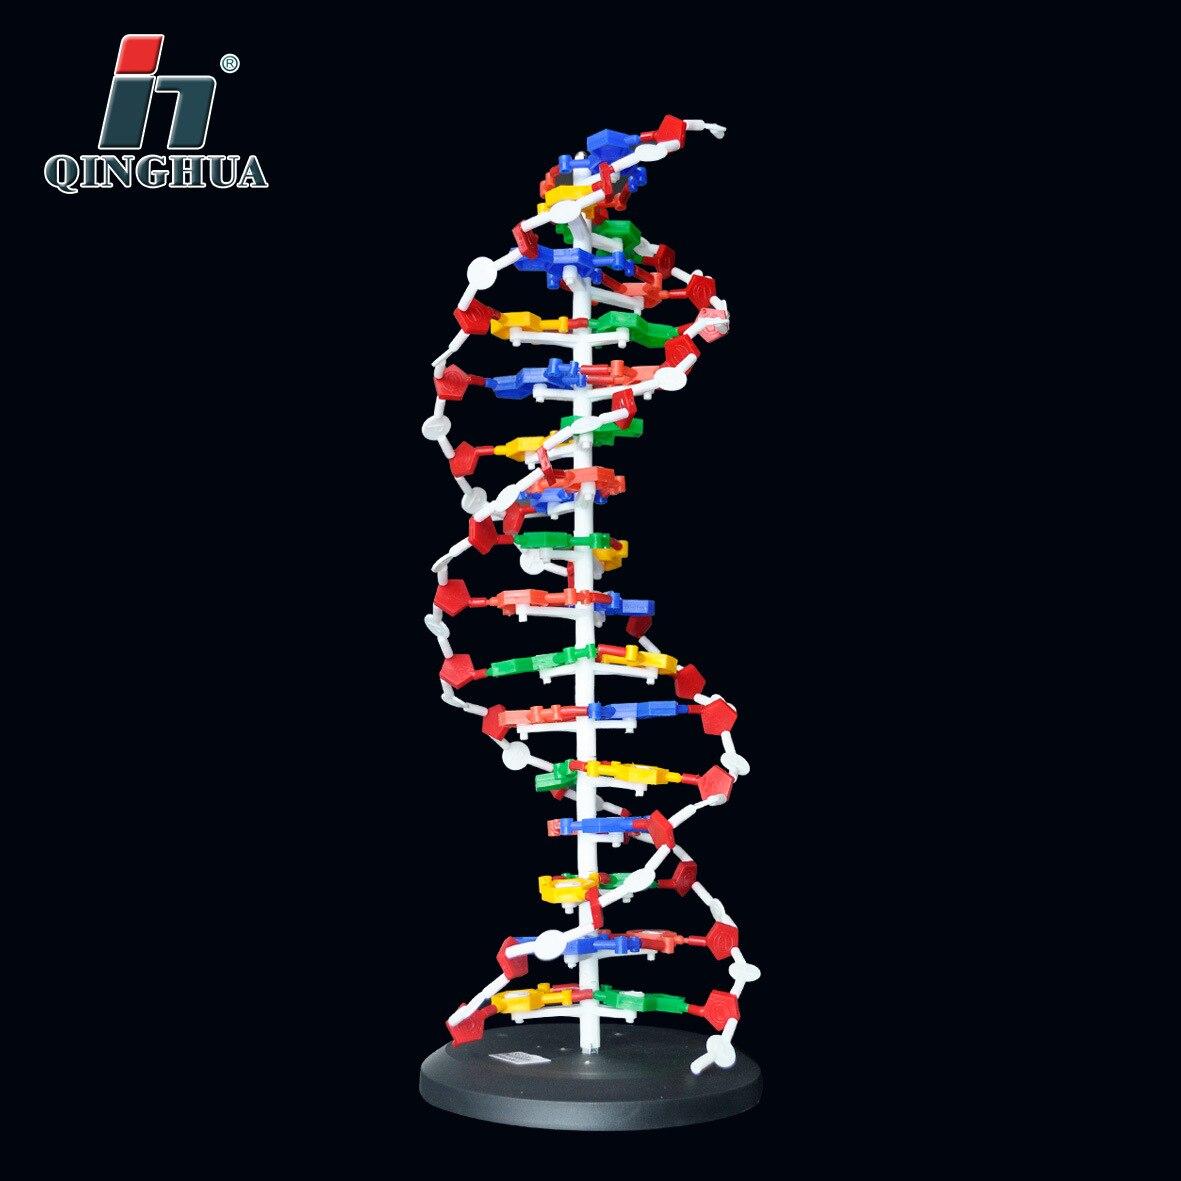 60 centimetros base de dna modelo de estrutura par modelos de dupla helice do dna dna